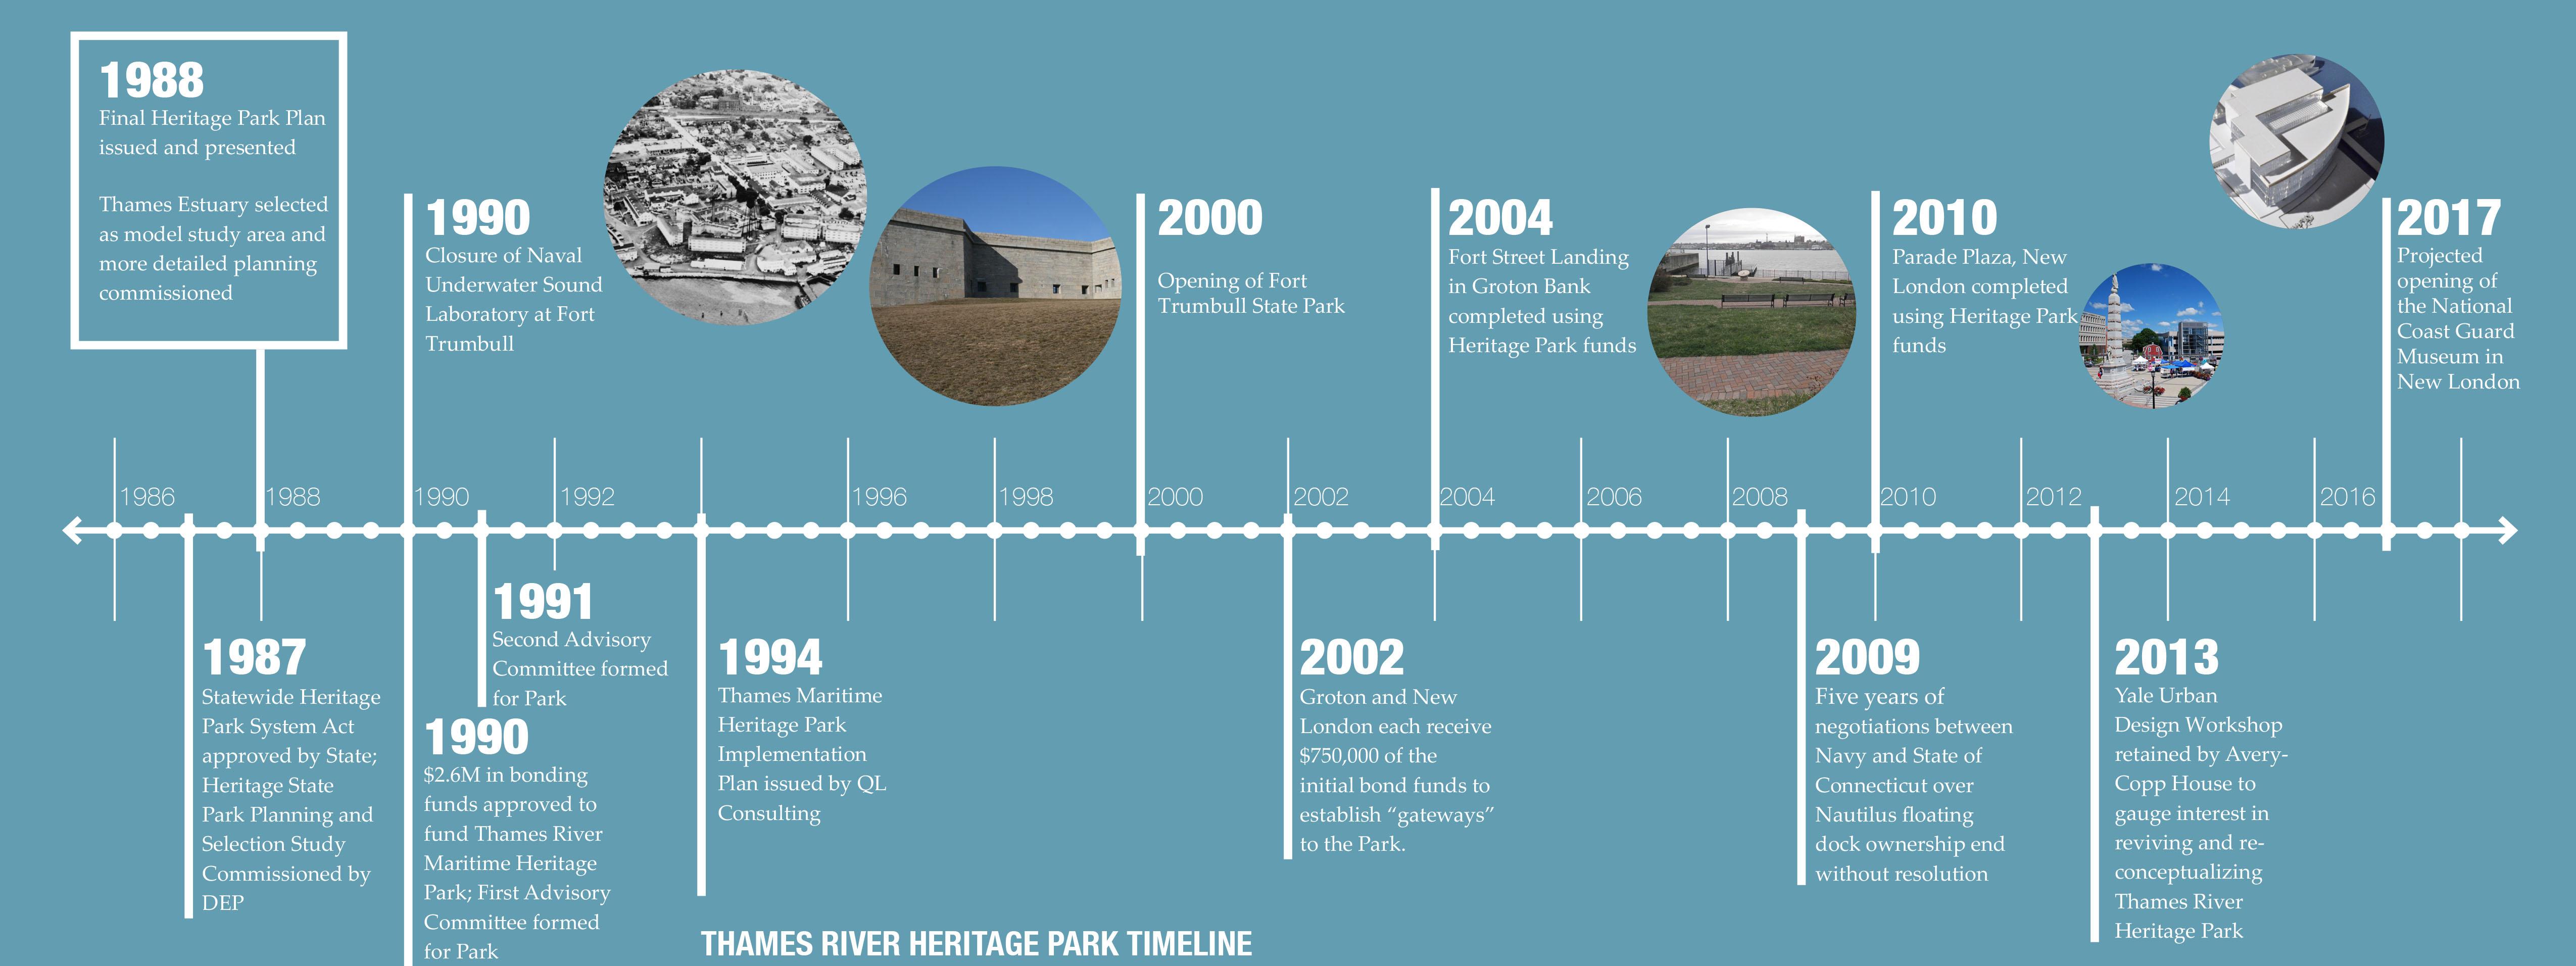 Heritage Park Timeline